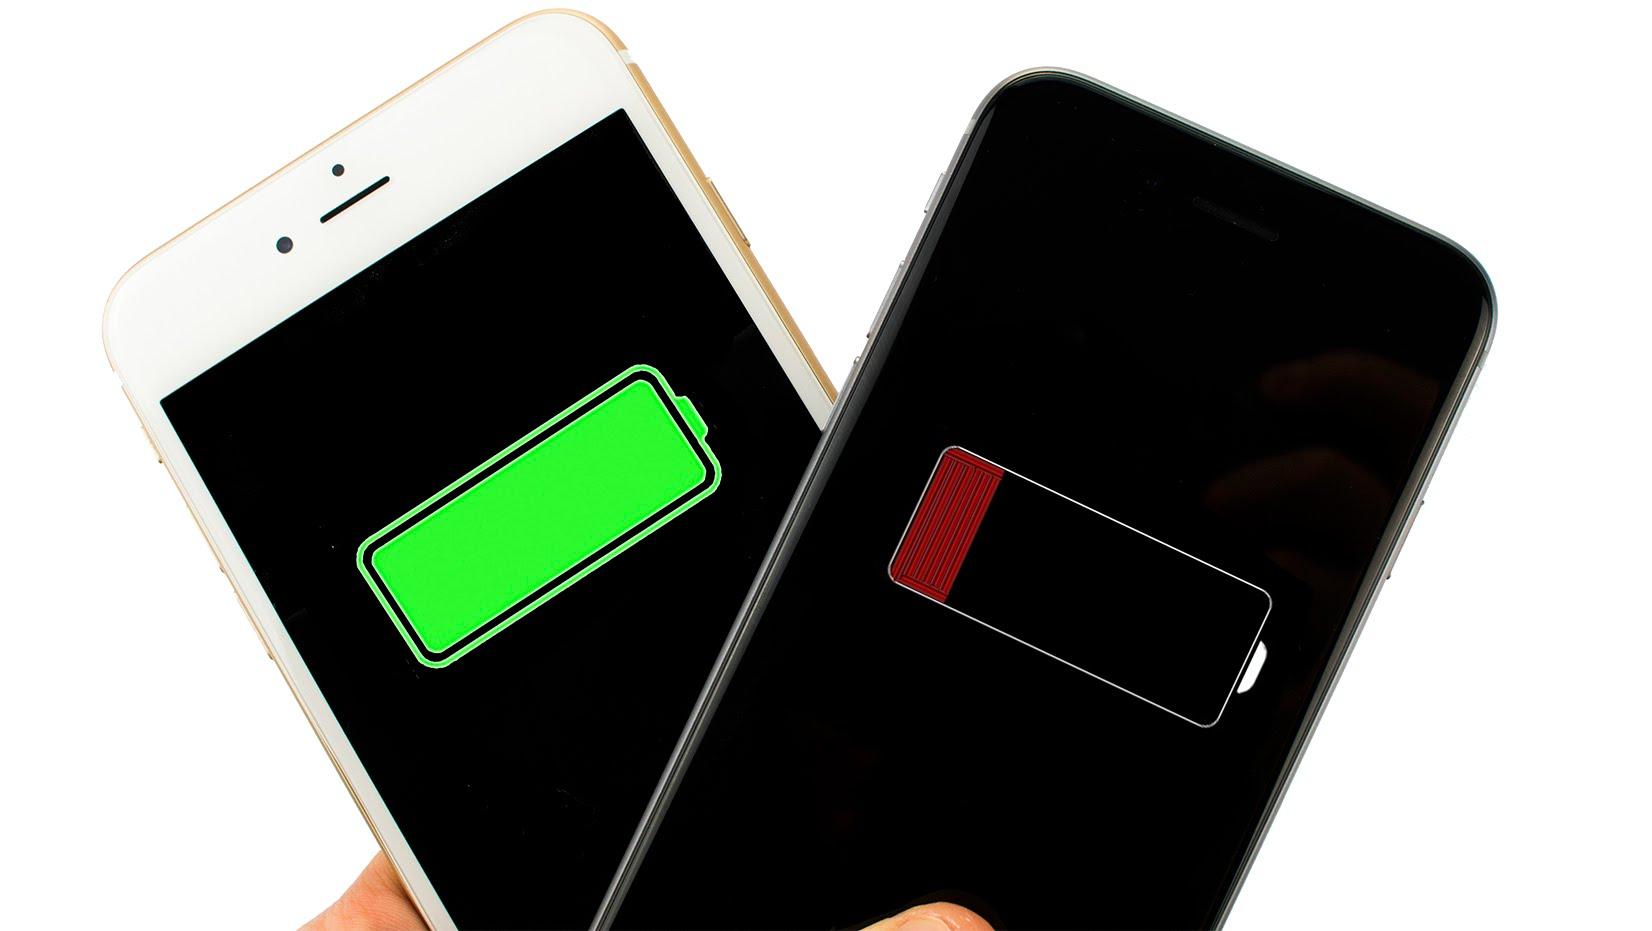 iphonepil